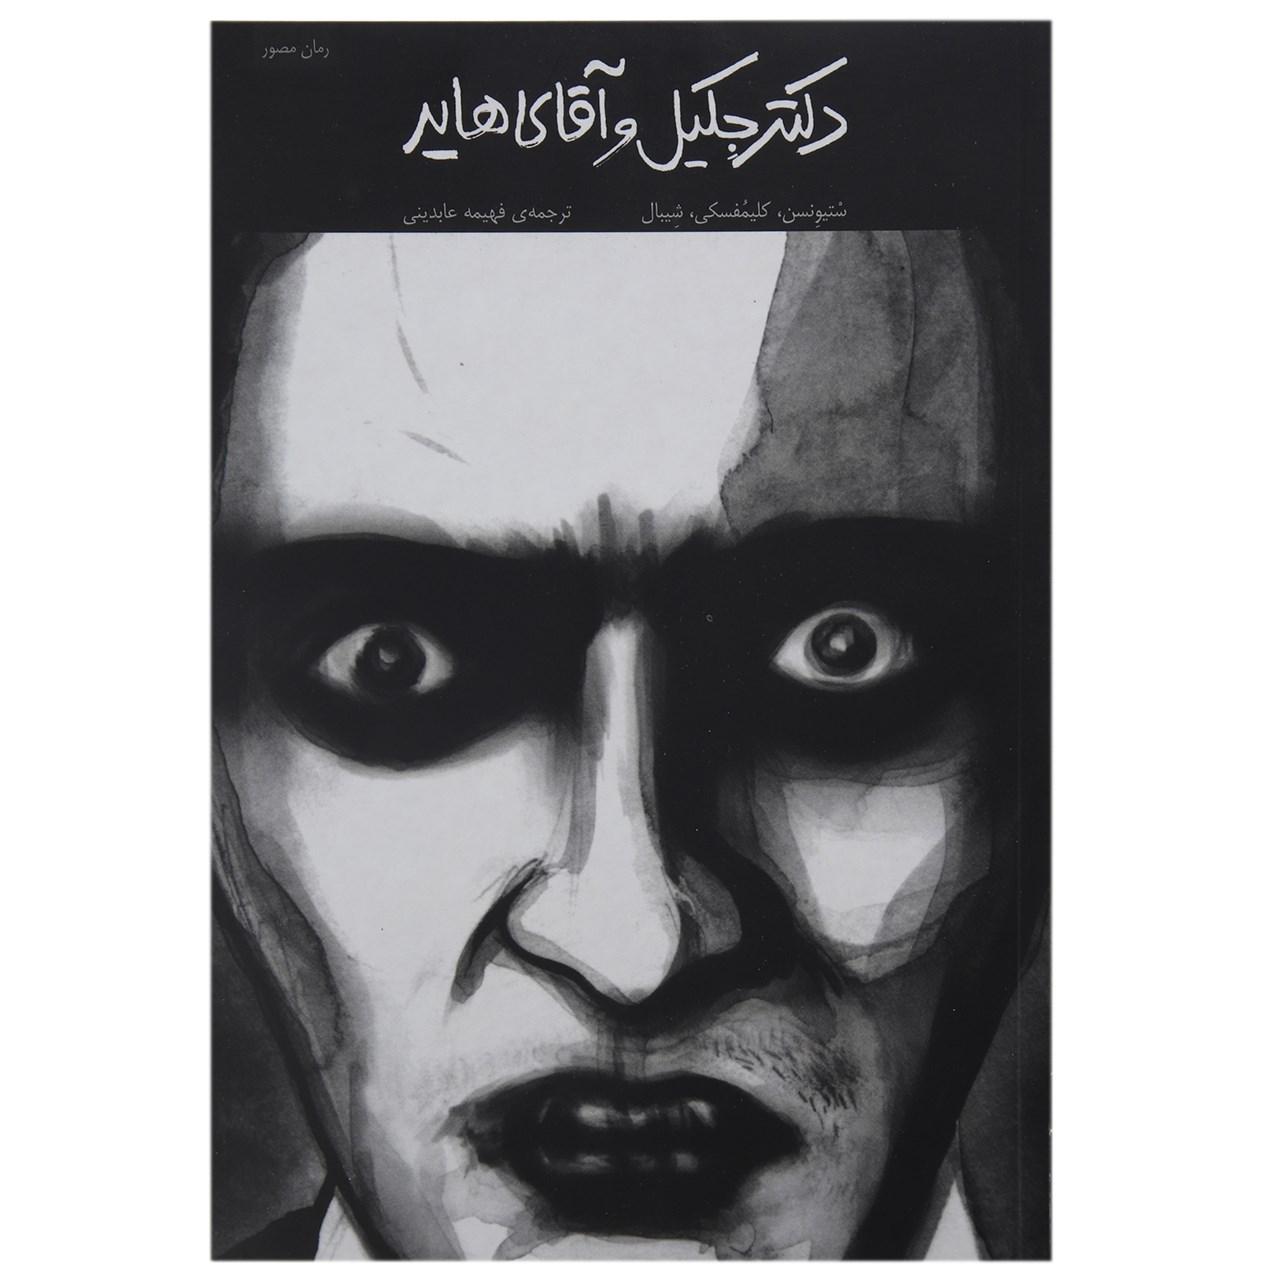 کتاب دکتر جکیل و آقای هاید اثر رابرت لوییس استیونسن